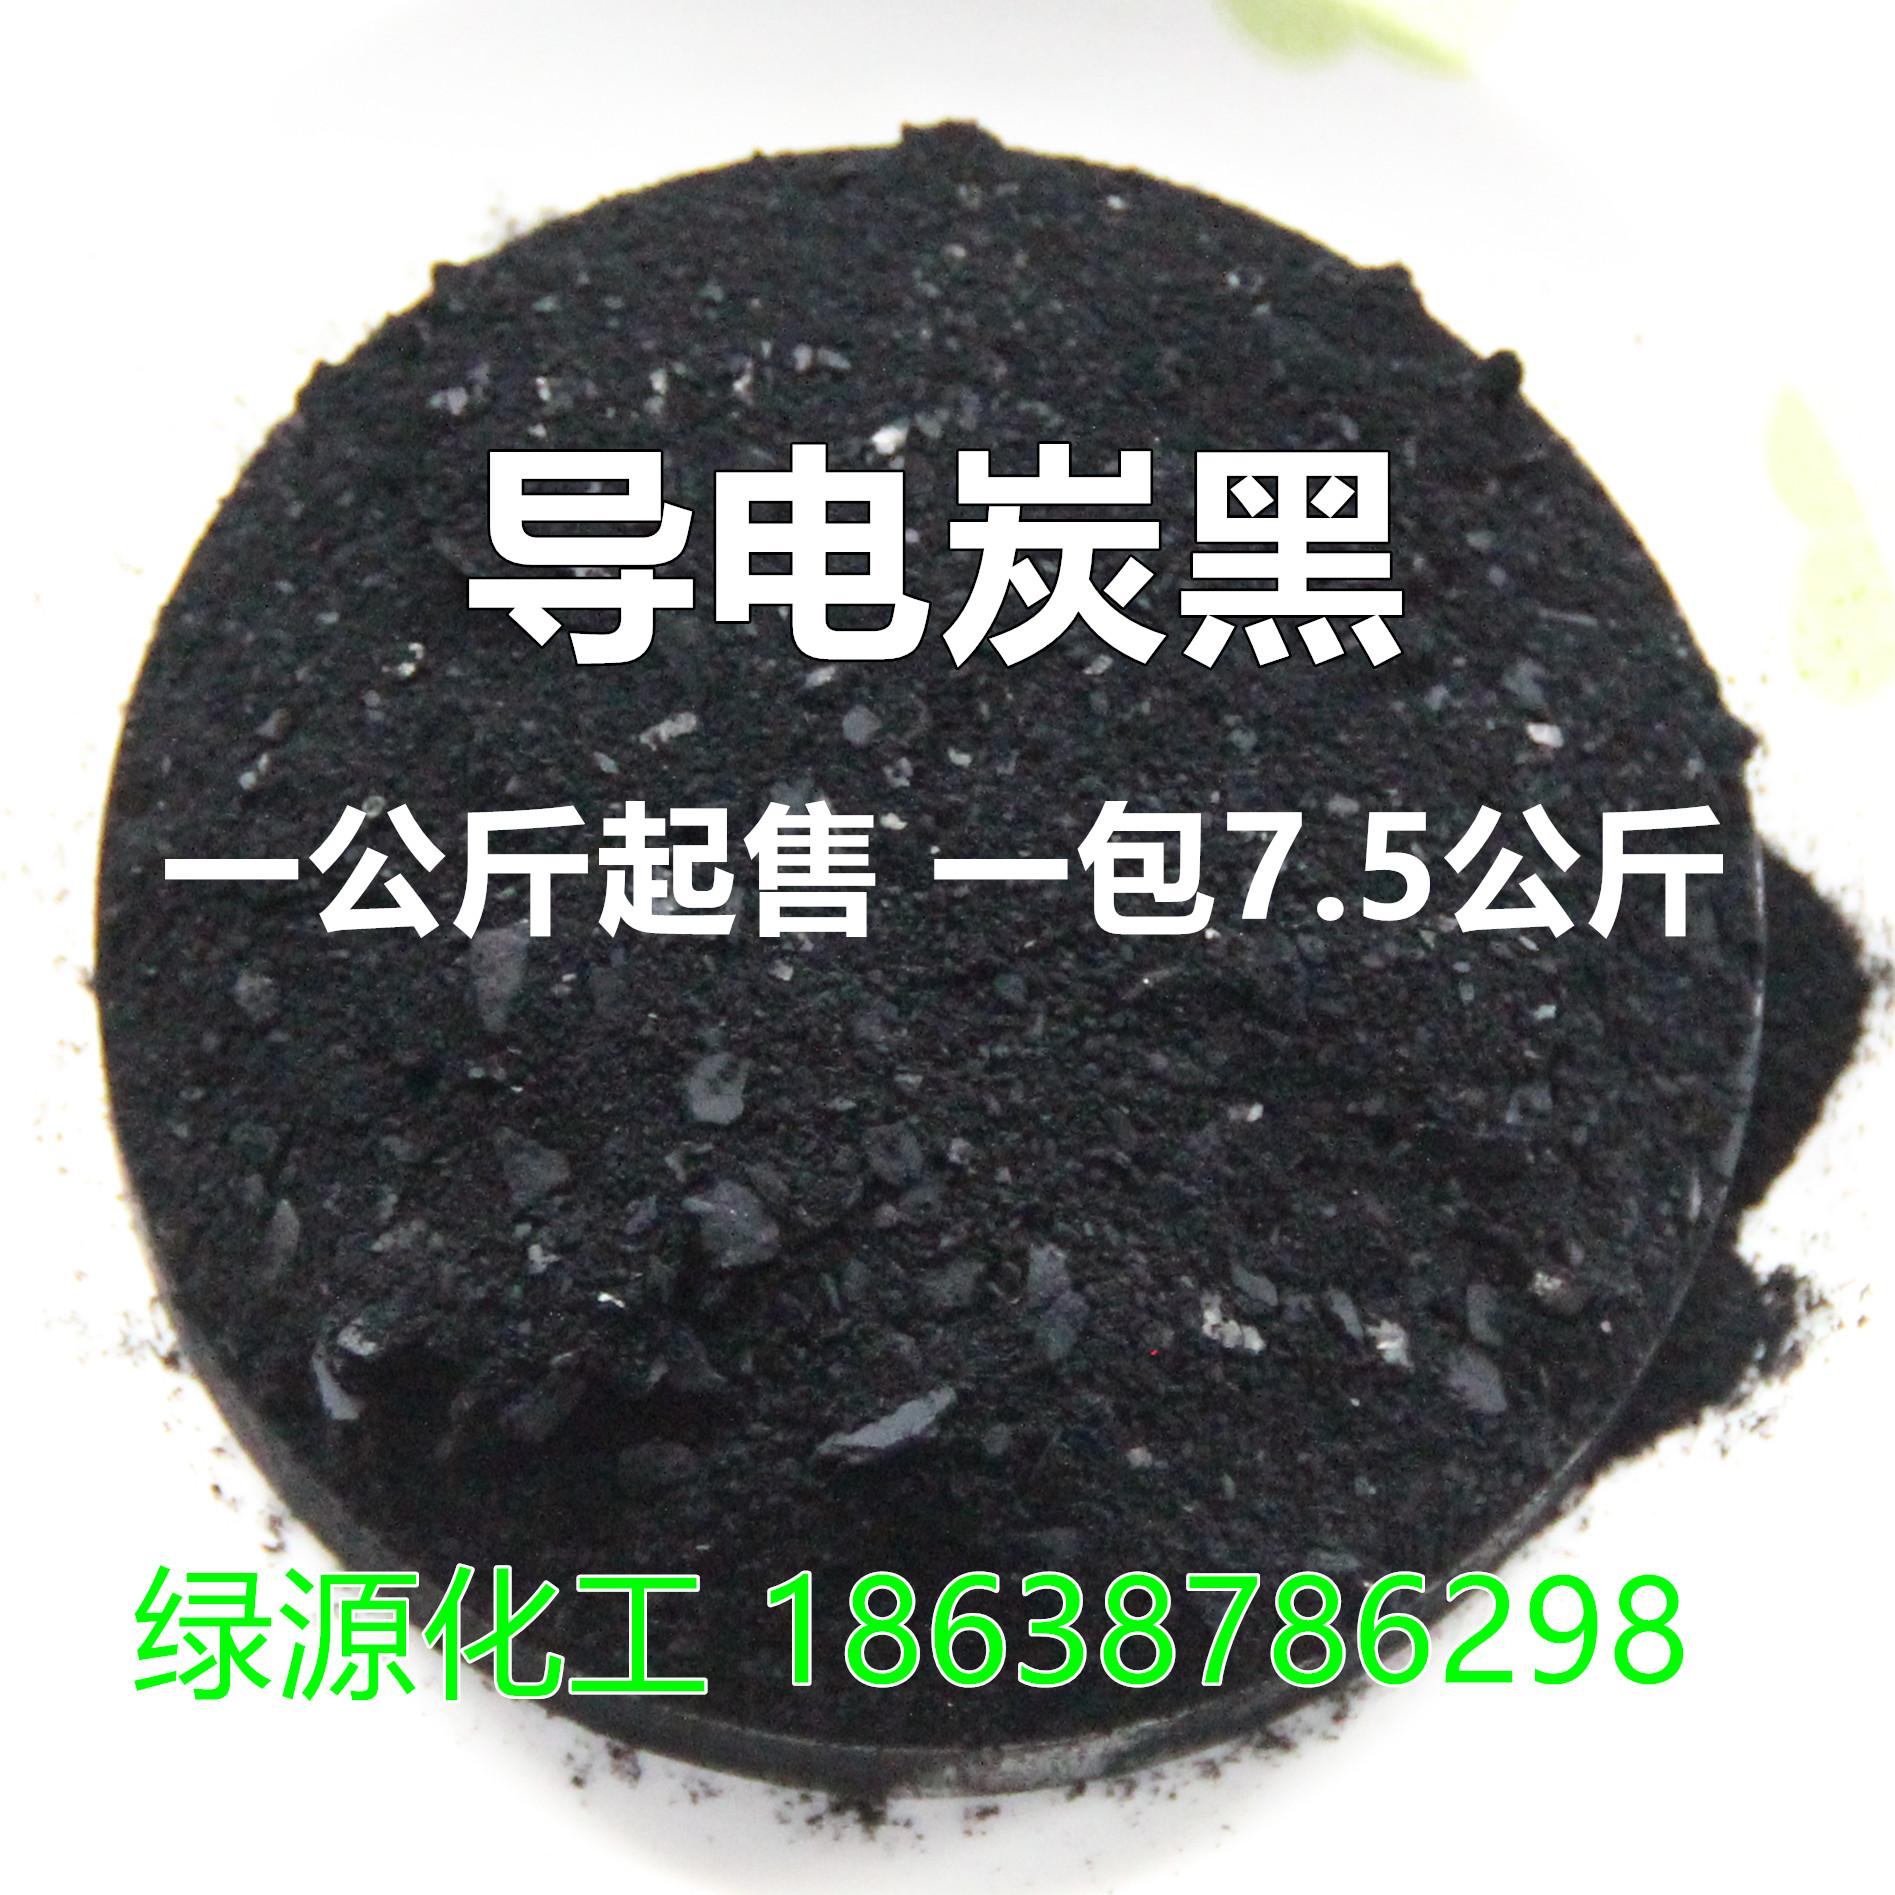 全国包邮导电炭黑防静电塑料导电硅胶用导电碳黑粉末电缆PVC颗粒